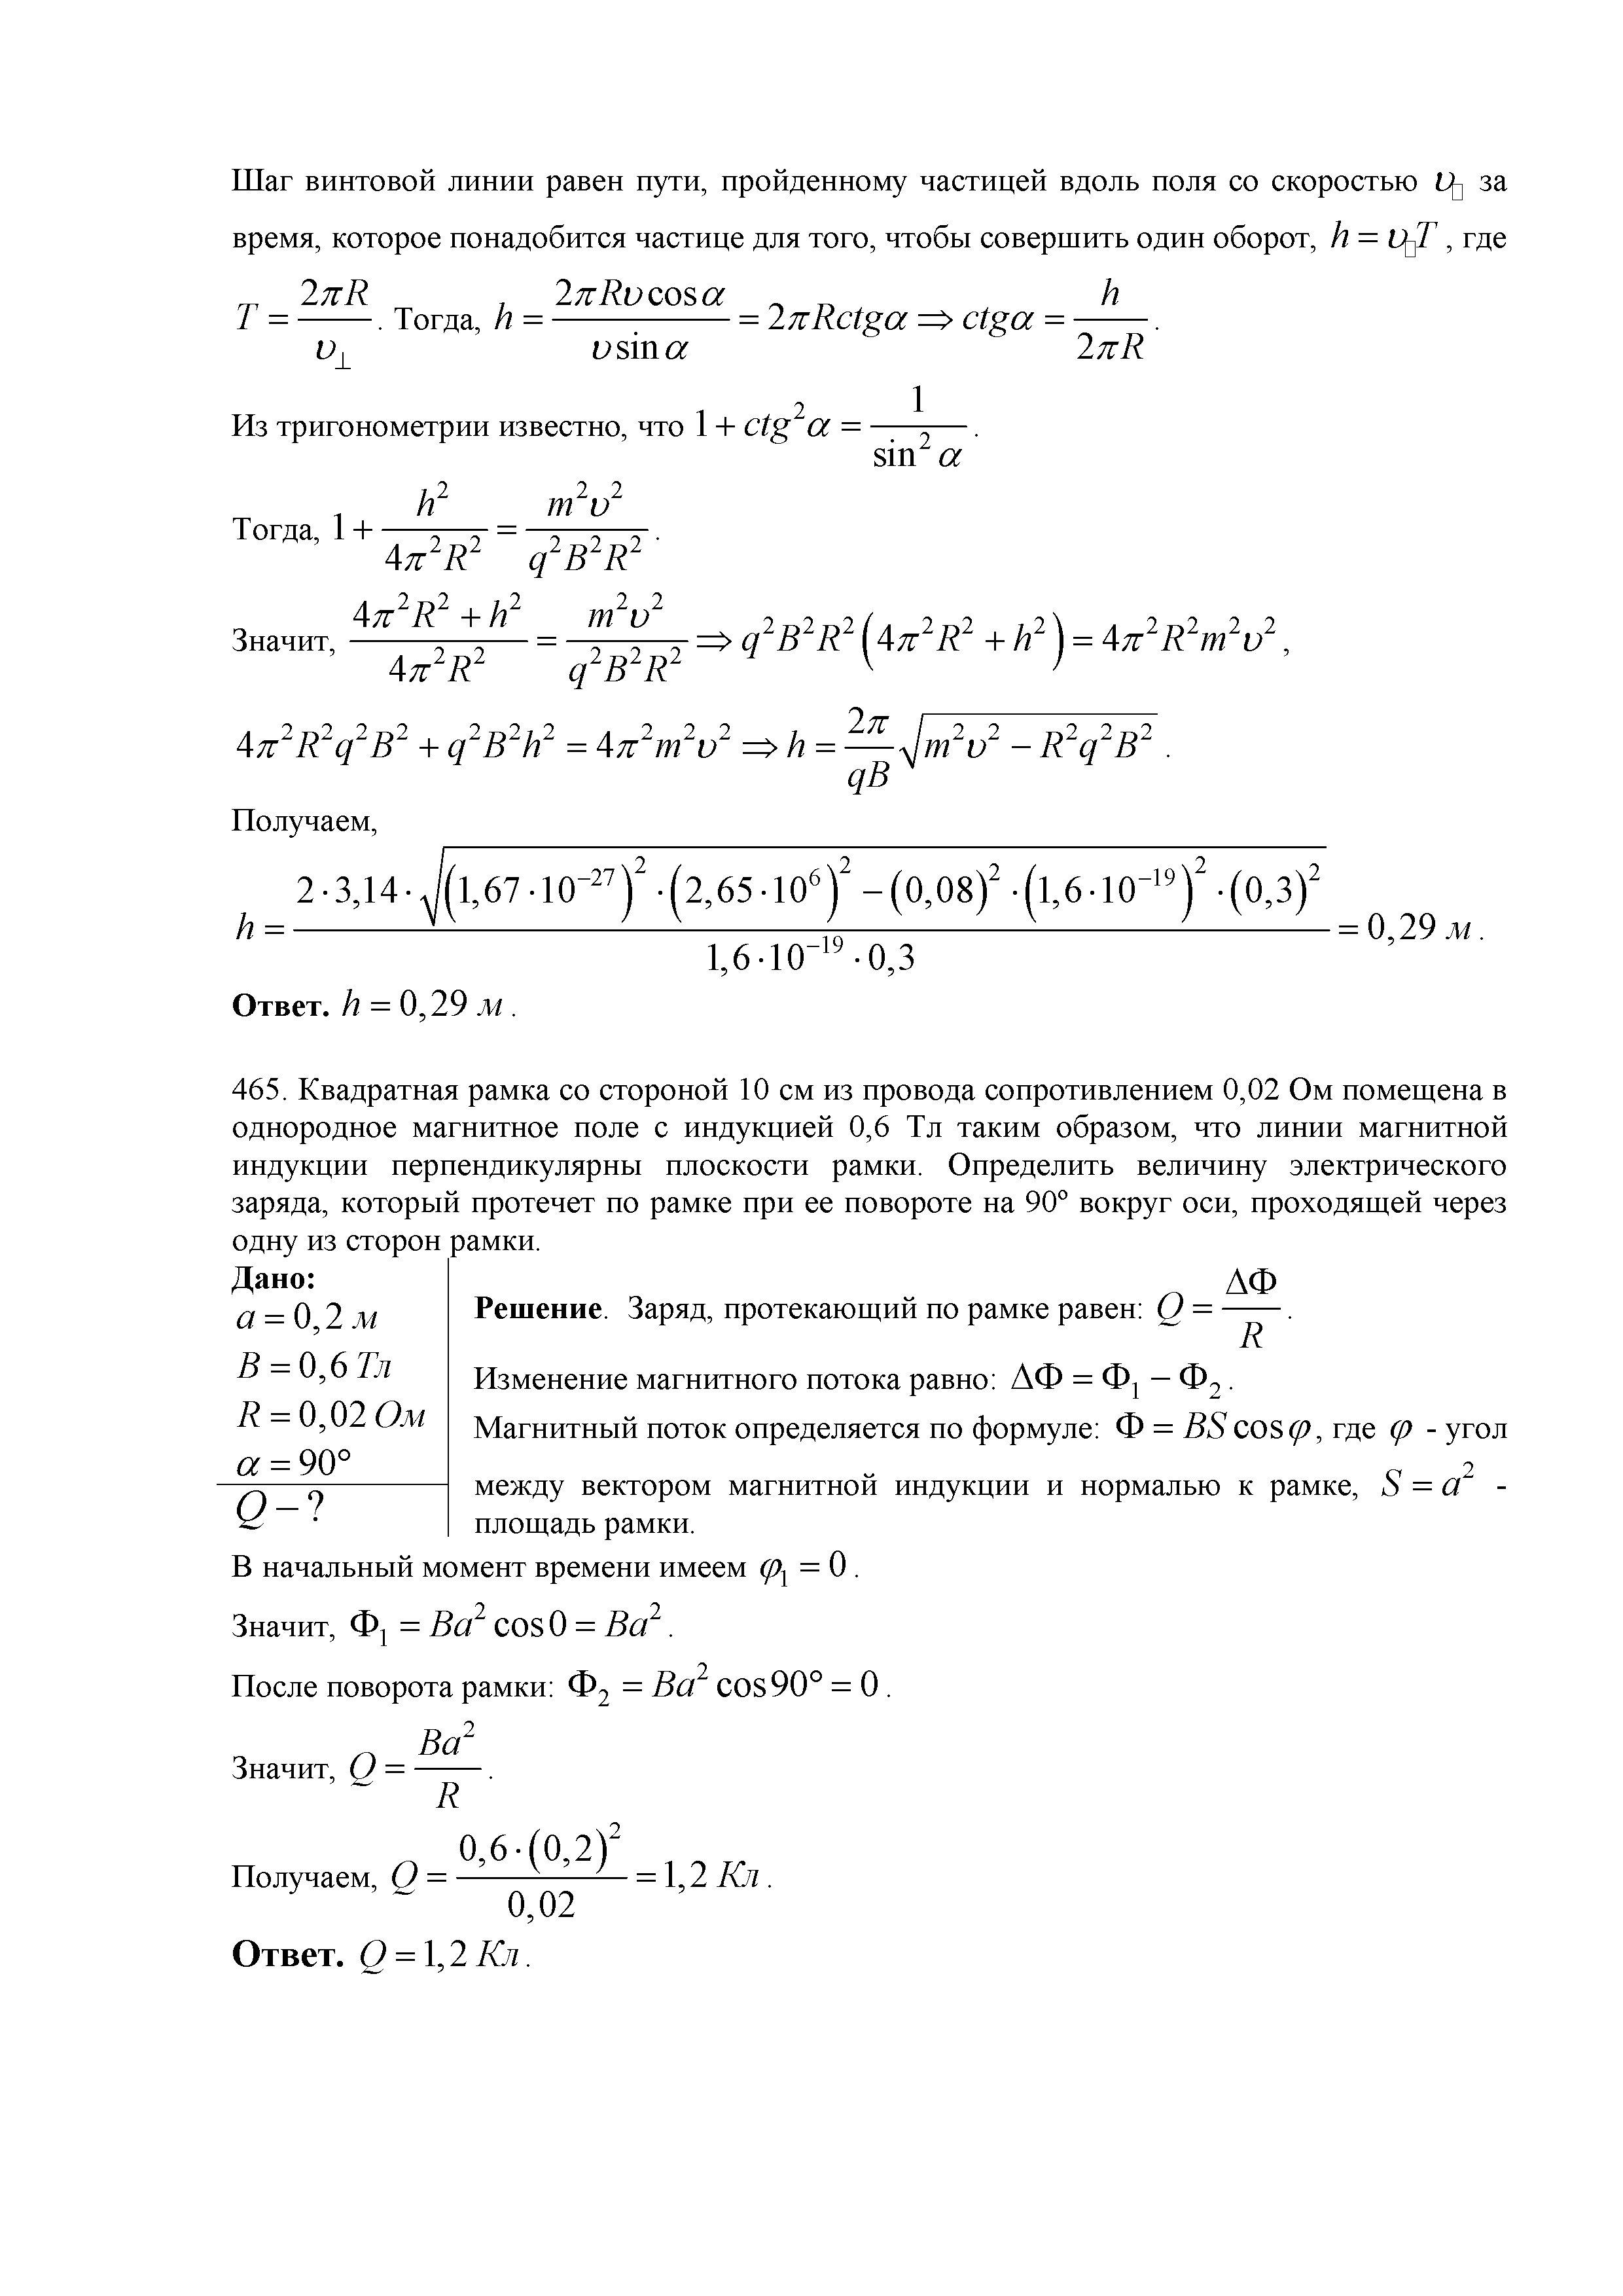 Решение задач по физике Поскольку решением задач занимаются грамотные профессионалы преподаватели которые разбираются и в самом курсе физики и в оформлении и пояснении задач